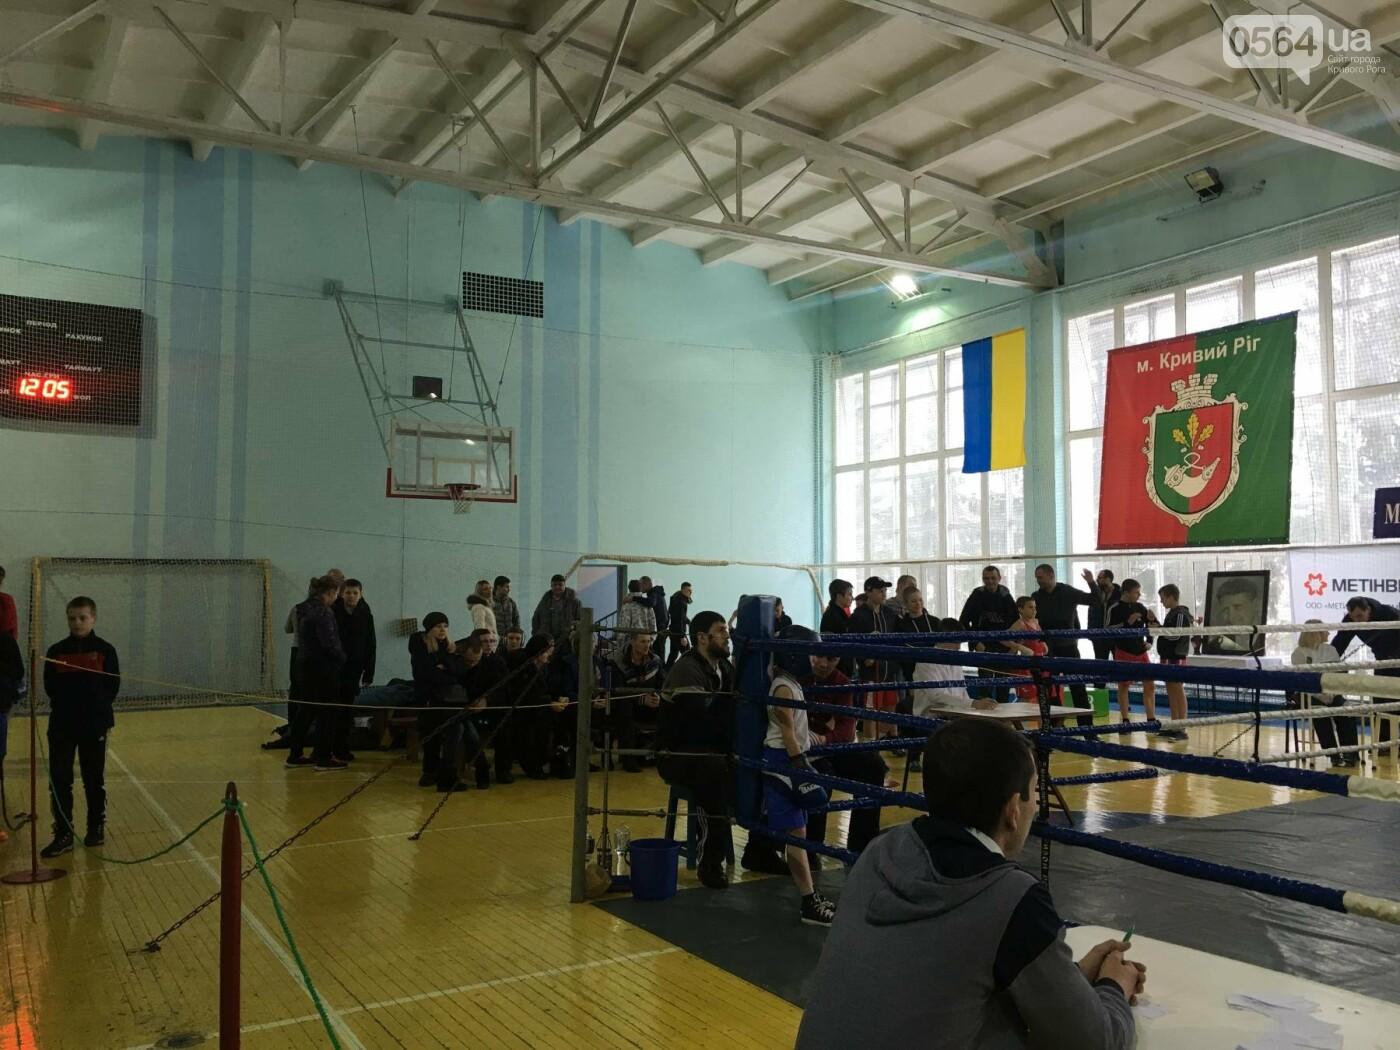 В Кривом Роге состоялся Международный турнир по боксу (ФОТО, ВИДЕО), фото-8